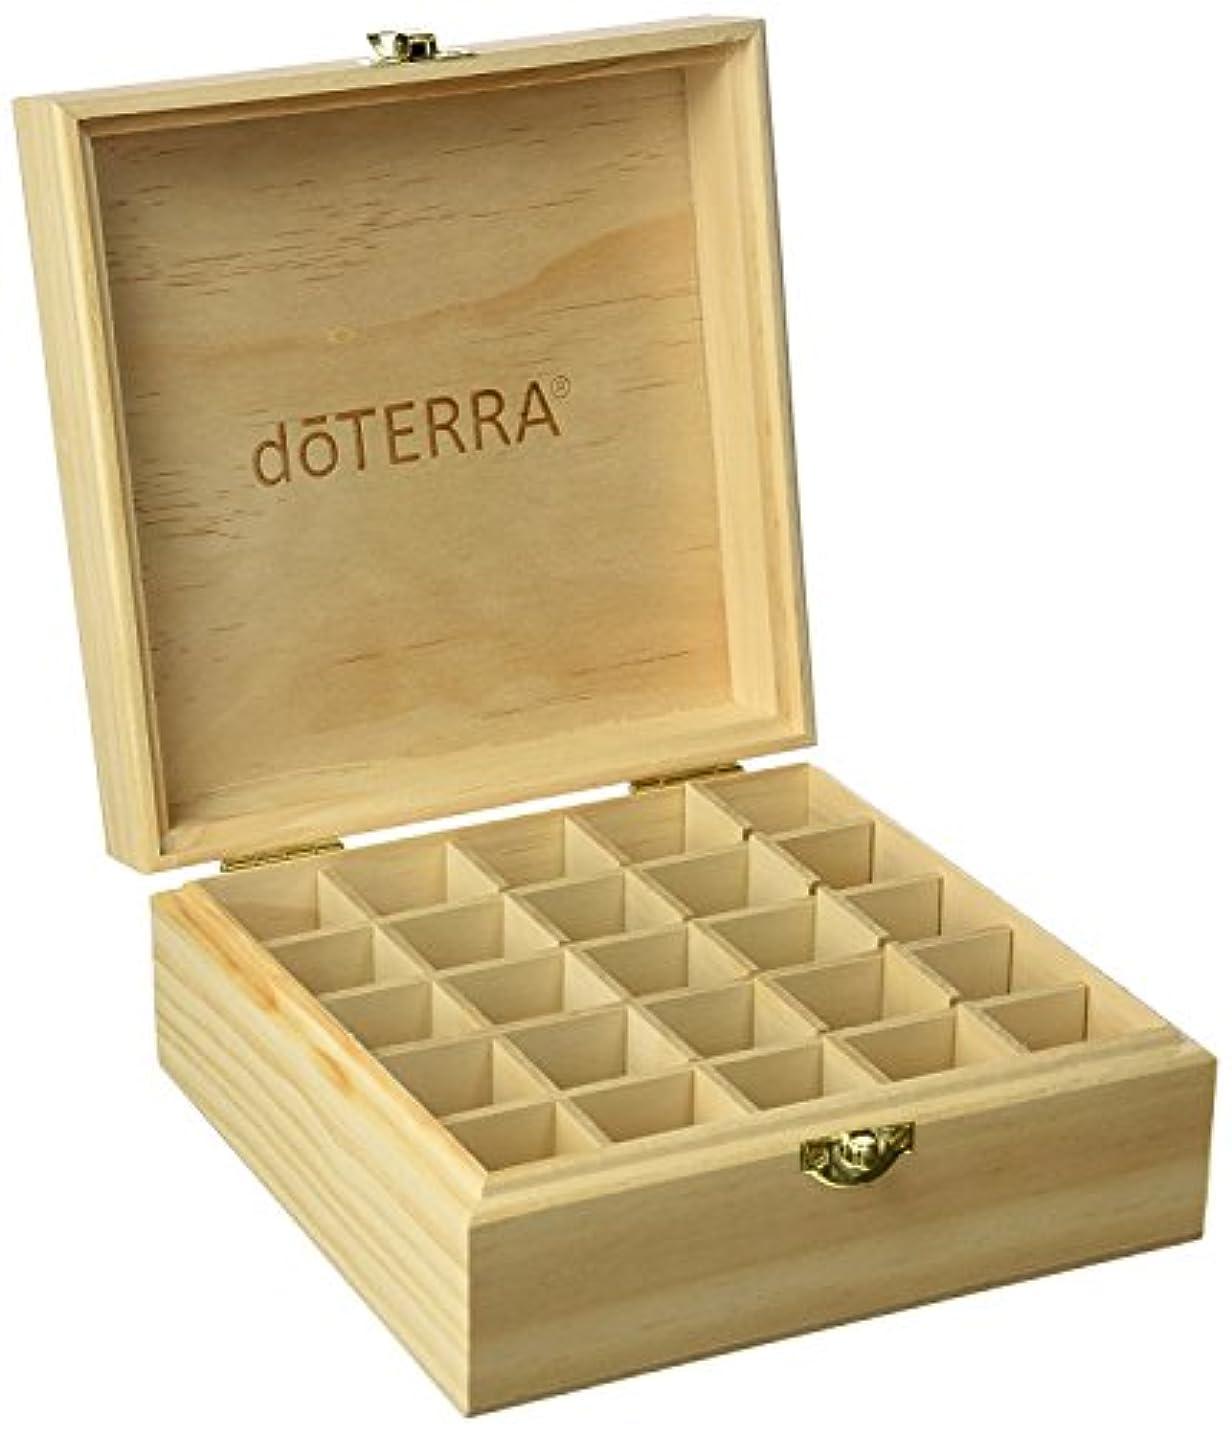 圧縮する計算意志エッセンシャルオイル収納ボックス25本用 エッセンシャルオイルボックス 20 mlのボトルを15 mlのための25のブロックによって木製のキャビネット